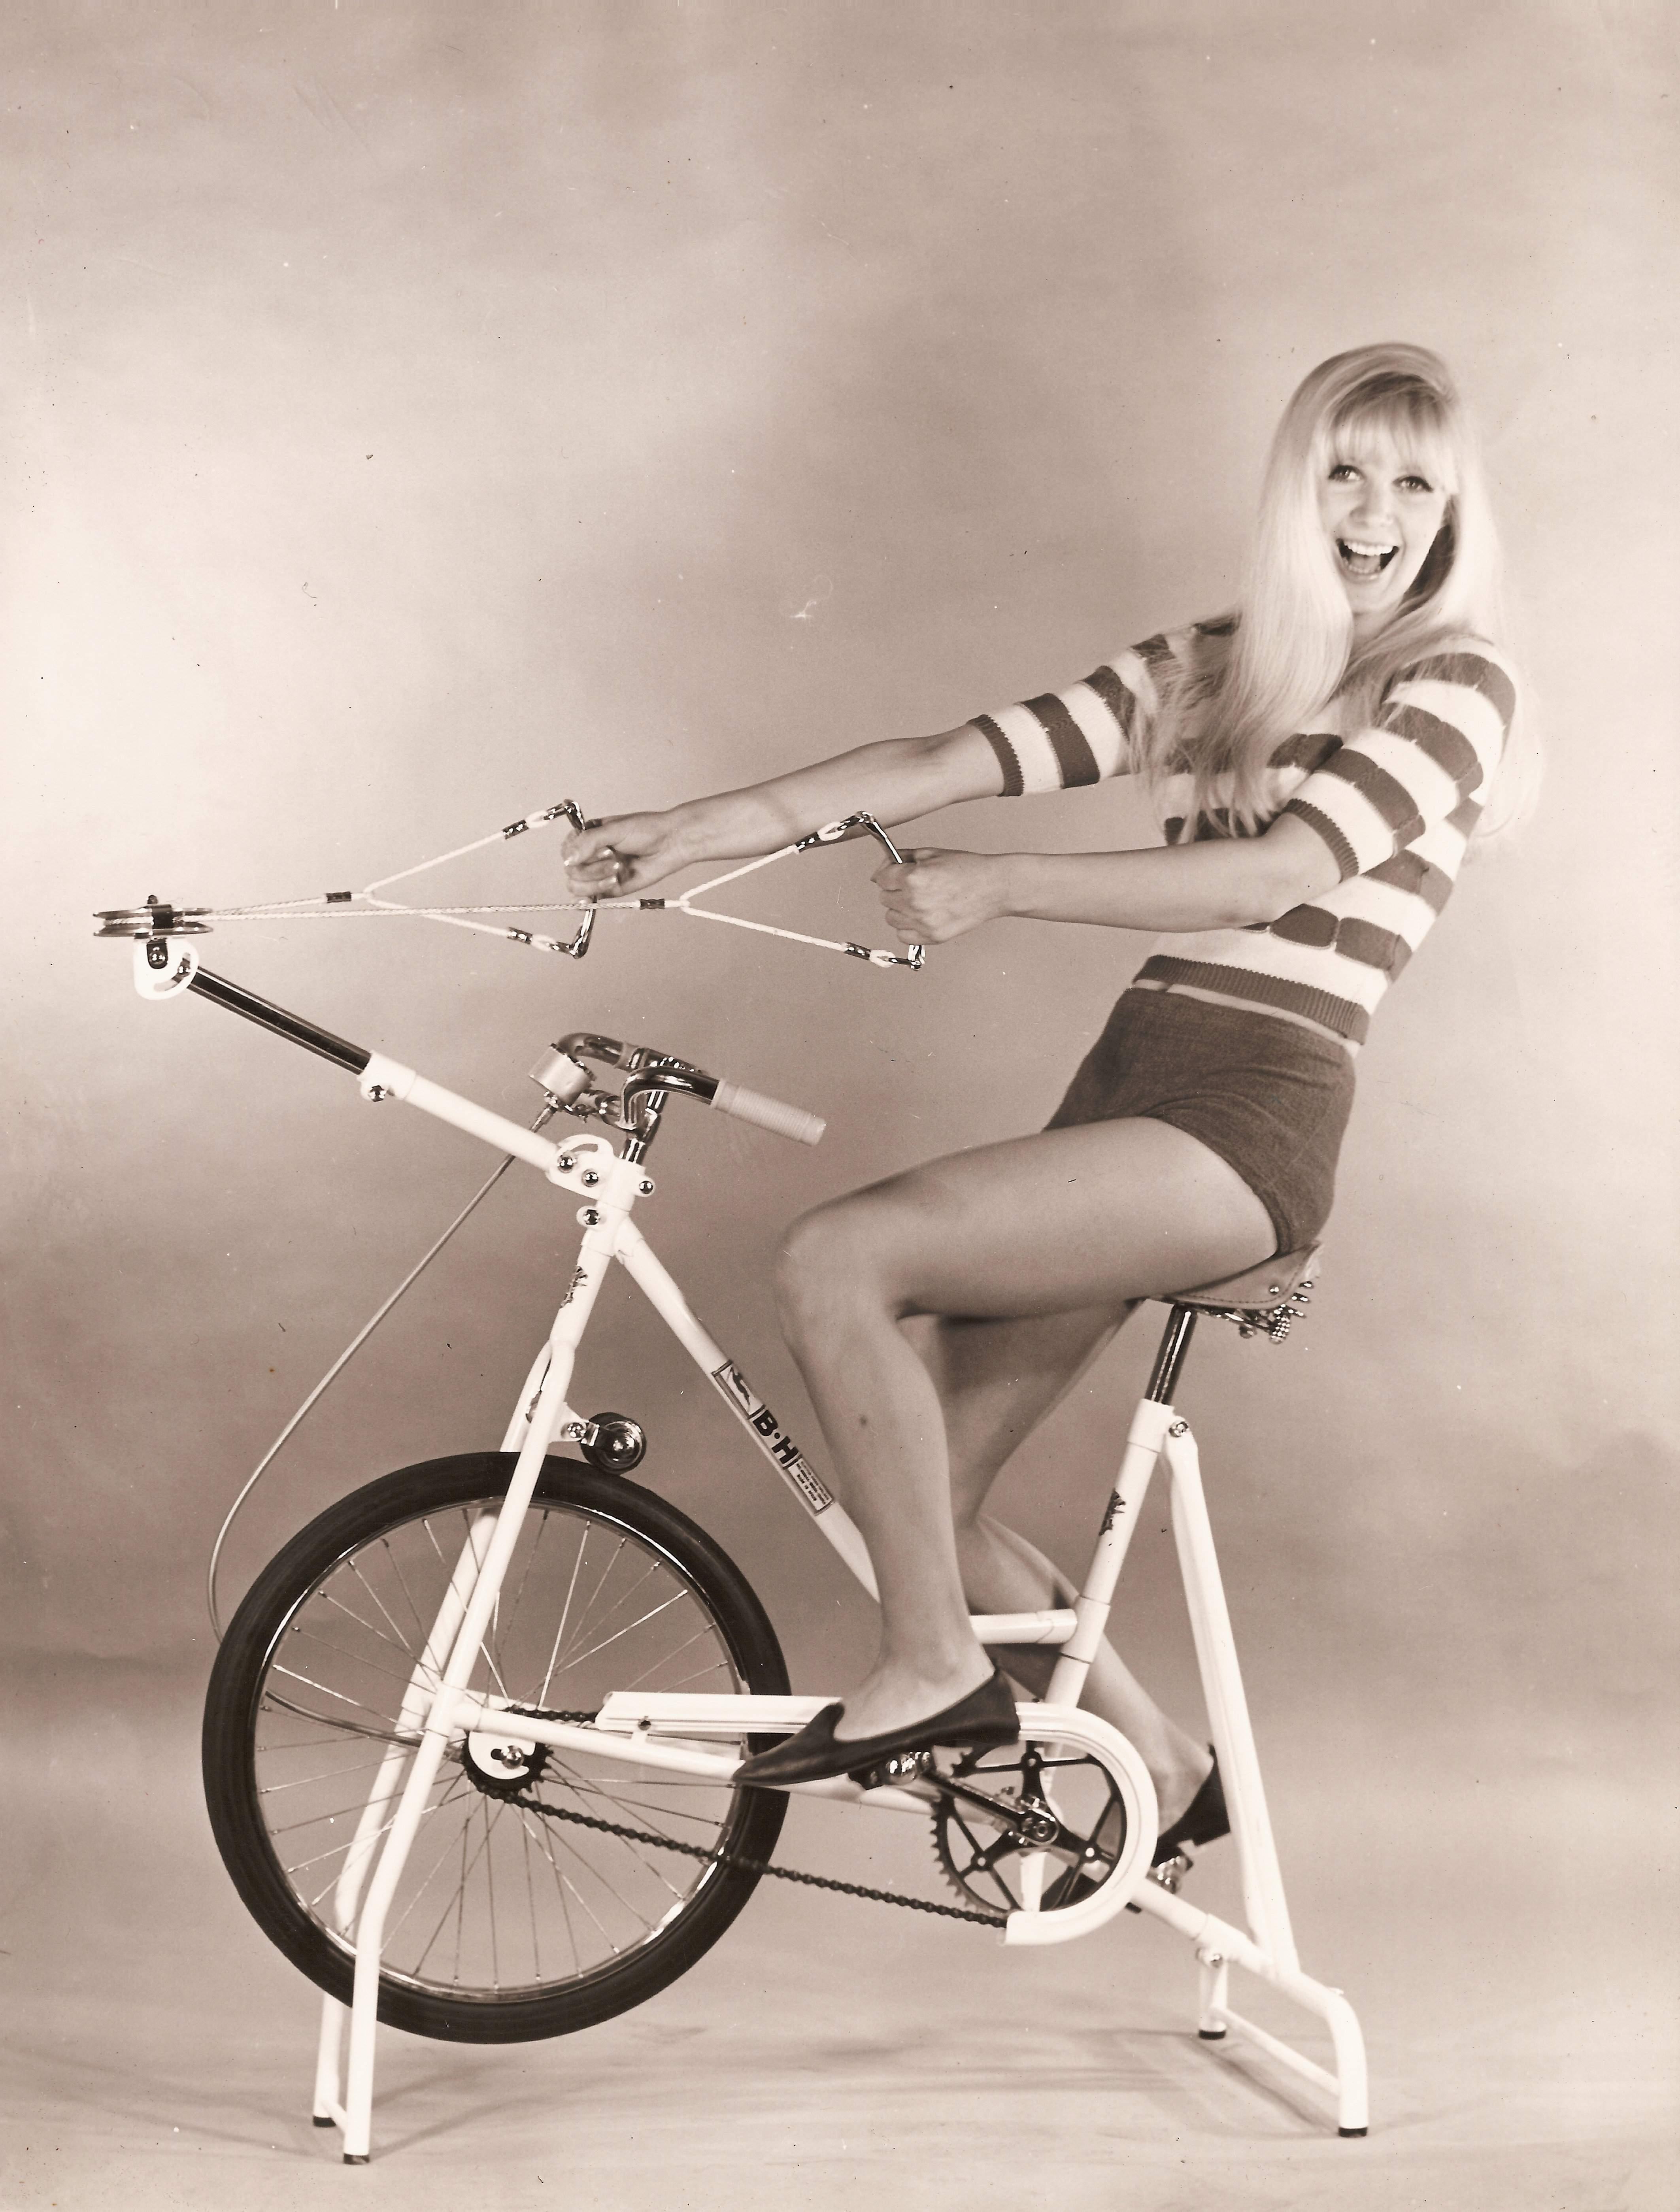 騎著健身車的模豆.jpg